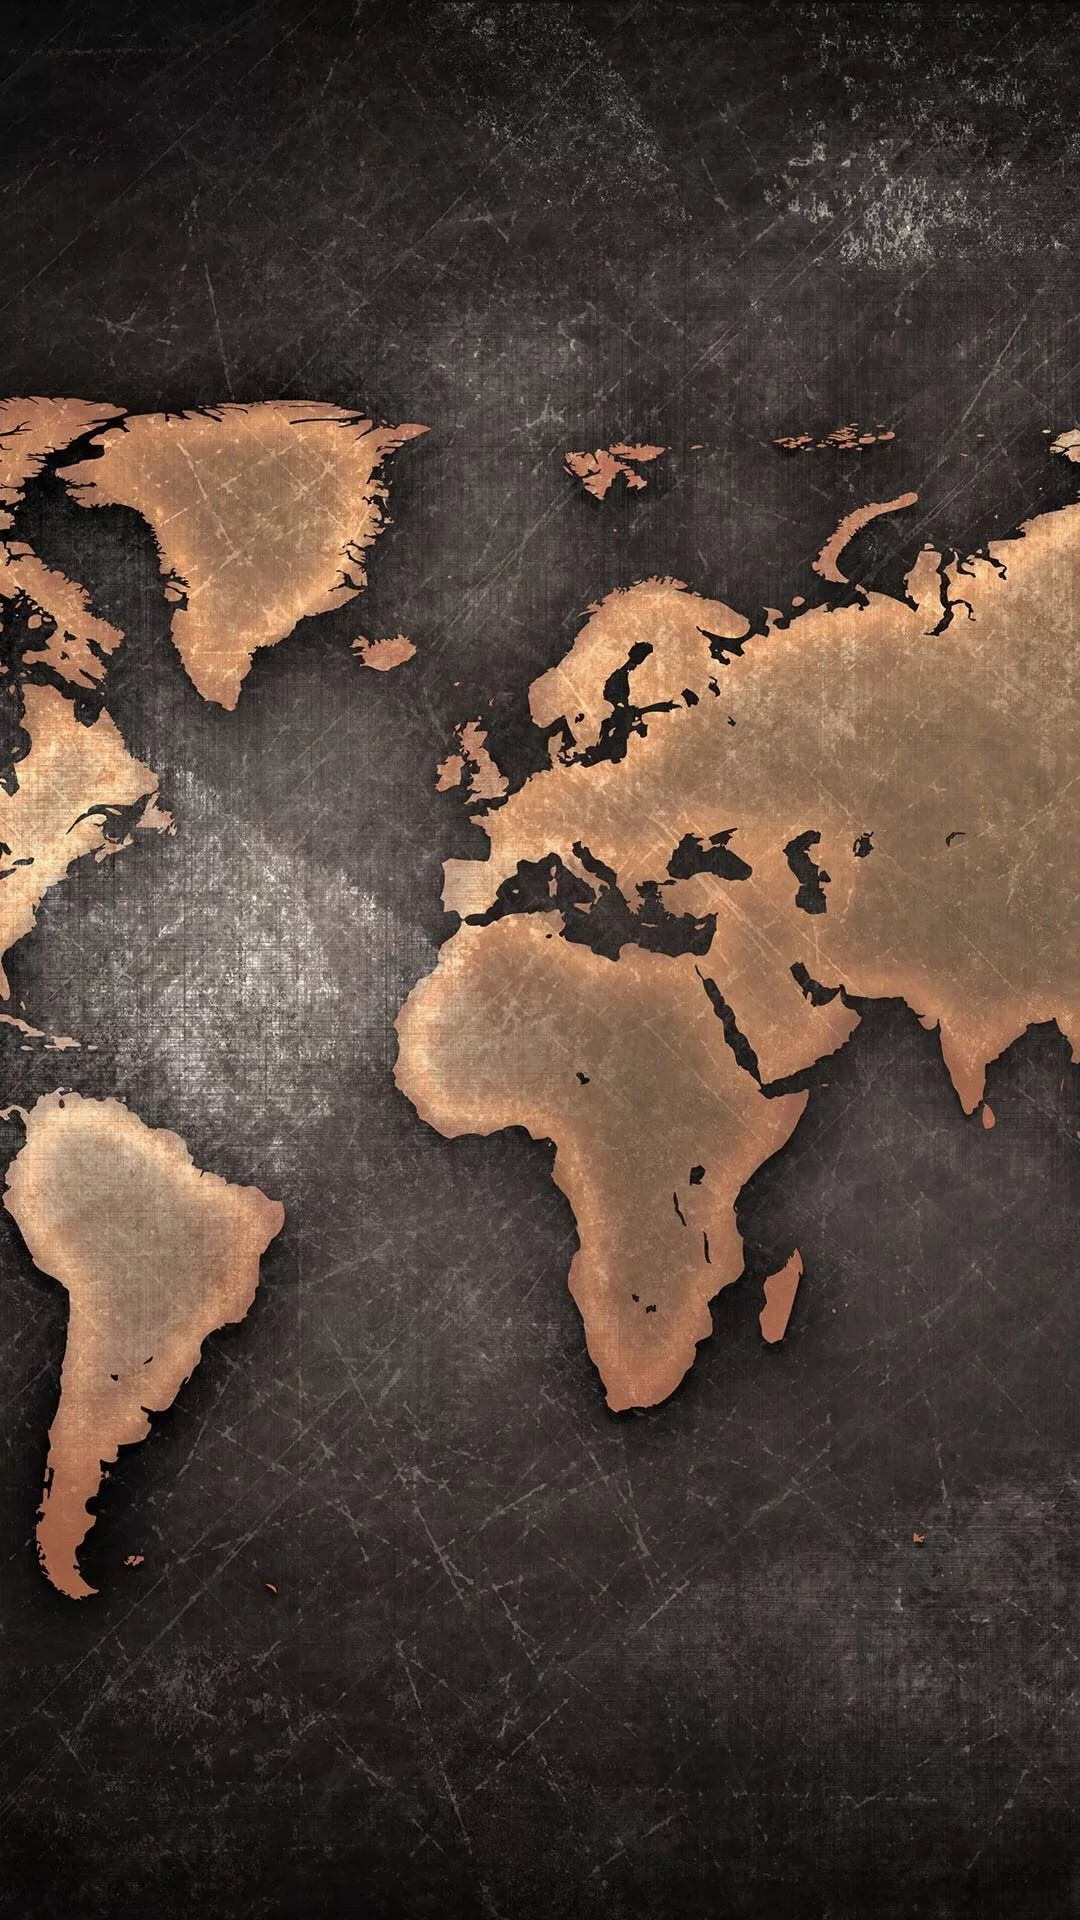 World Map iPhone 6 wallpaper